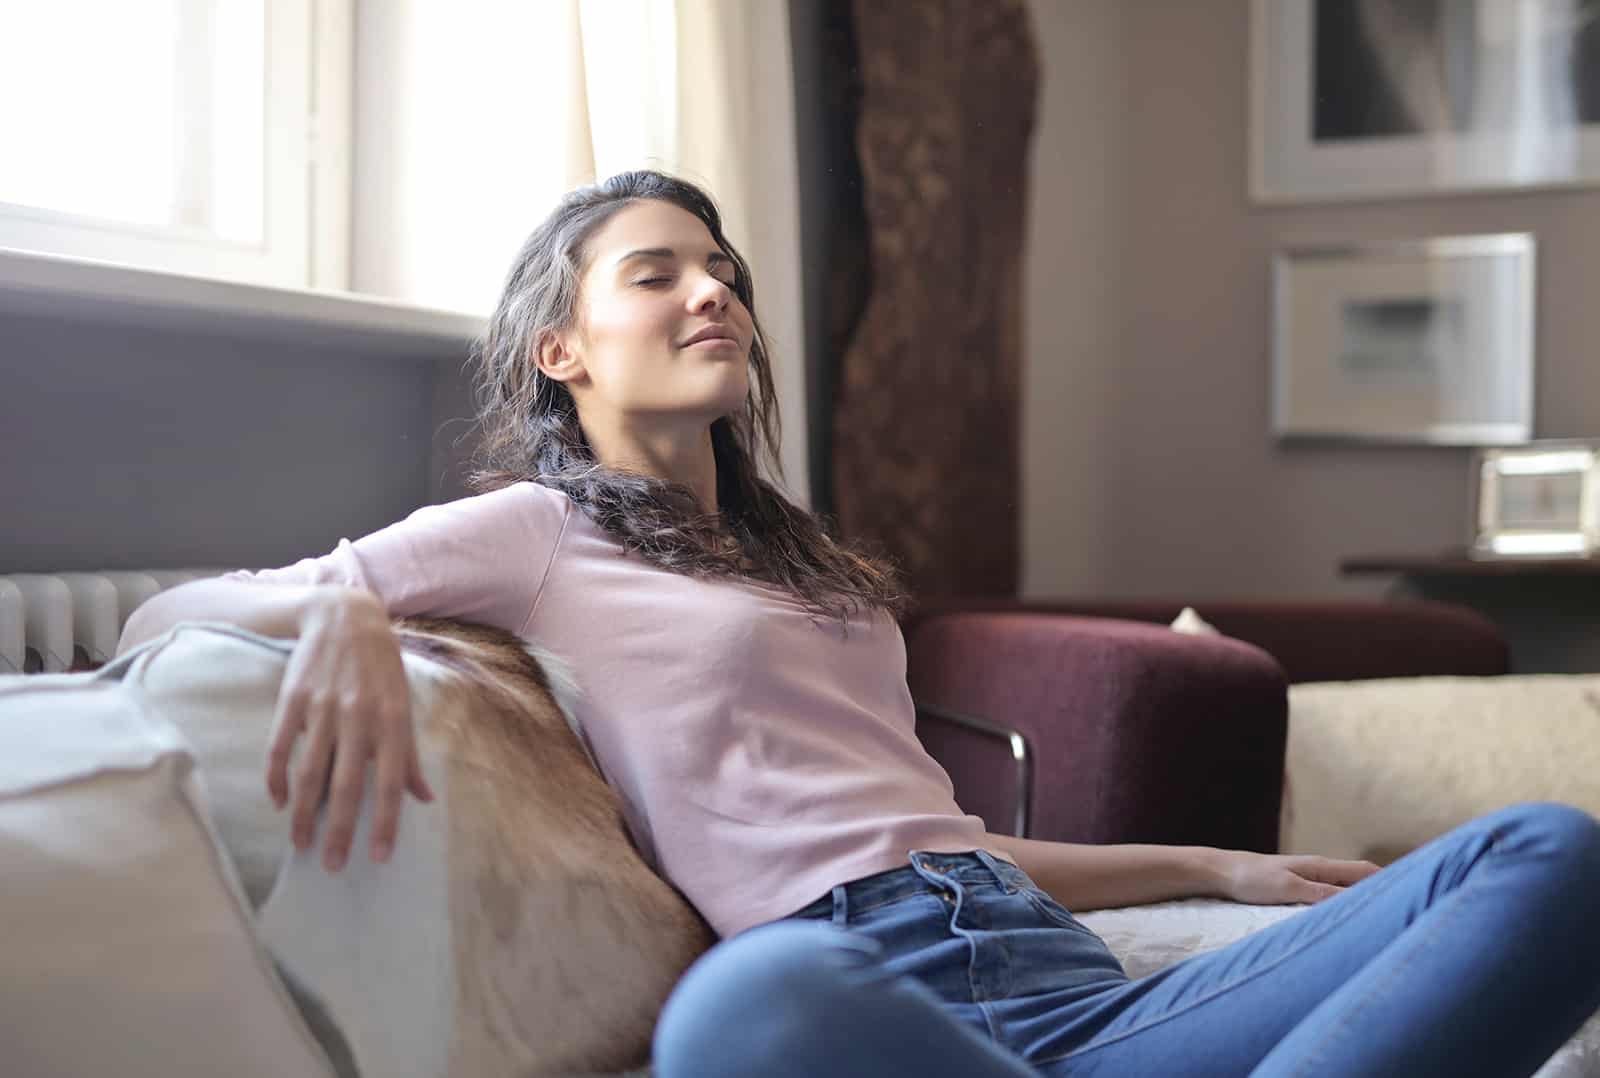 eine ruhige Frau, die mit geschlossenen Augen auf der Couch sitzt